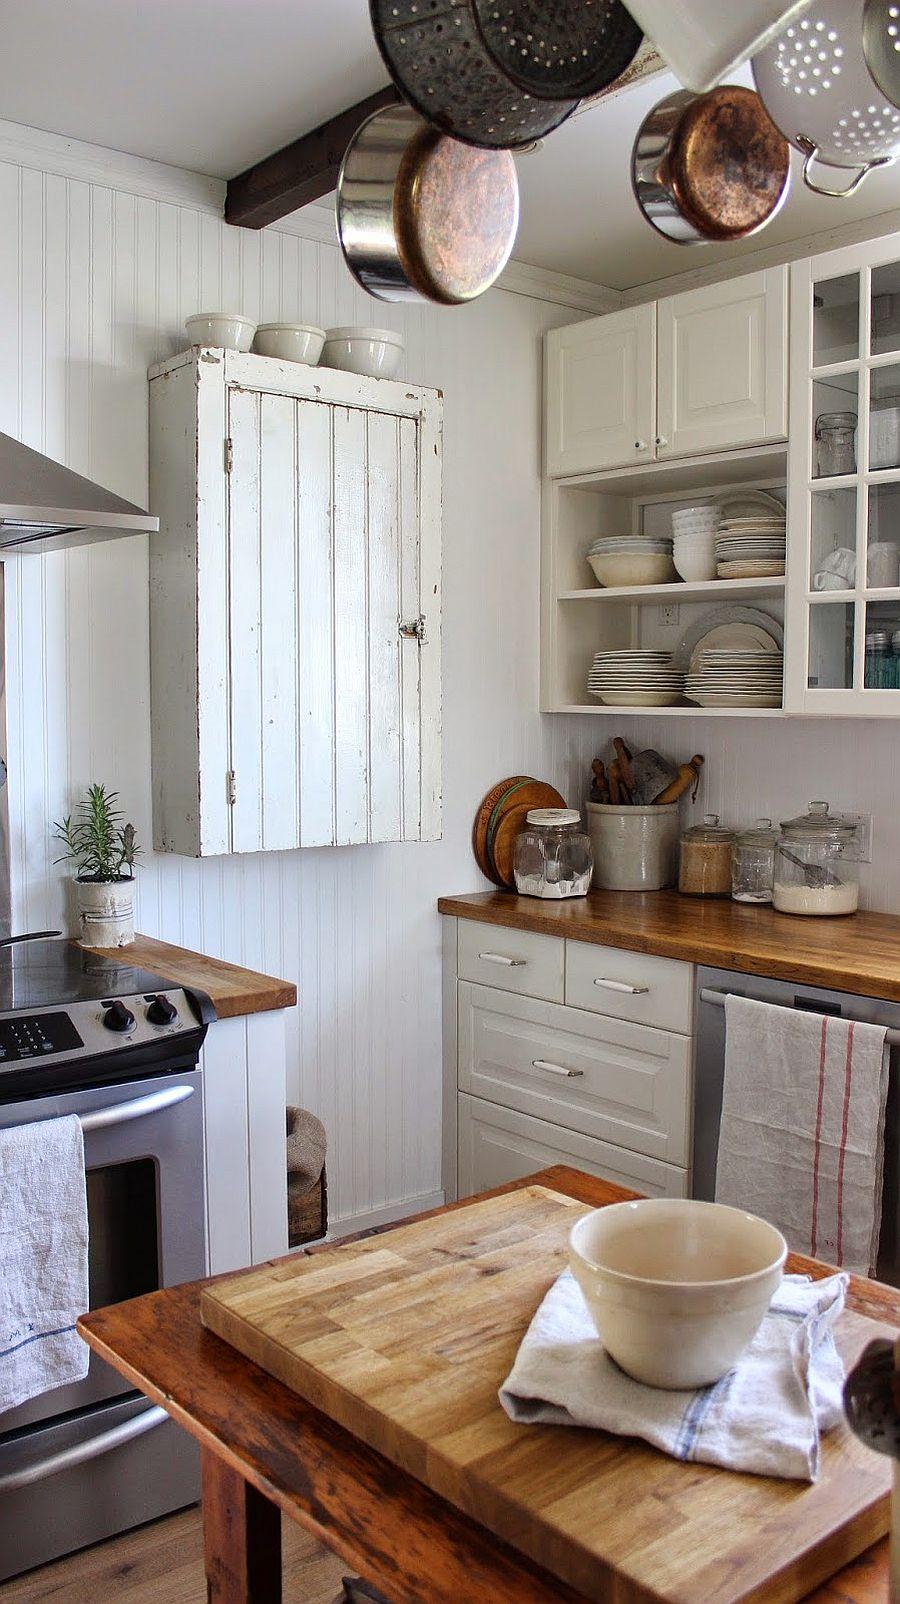 Уютный вариант интерьера кухни - Фото 48